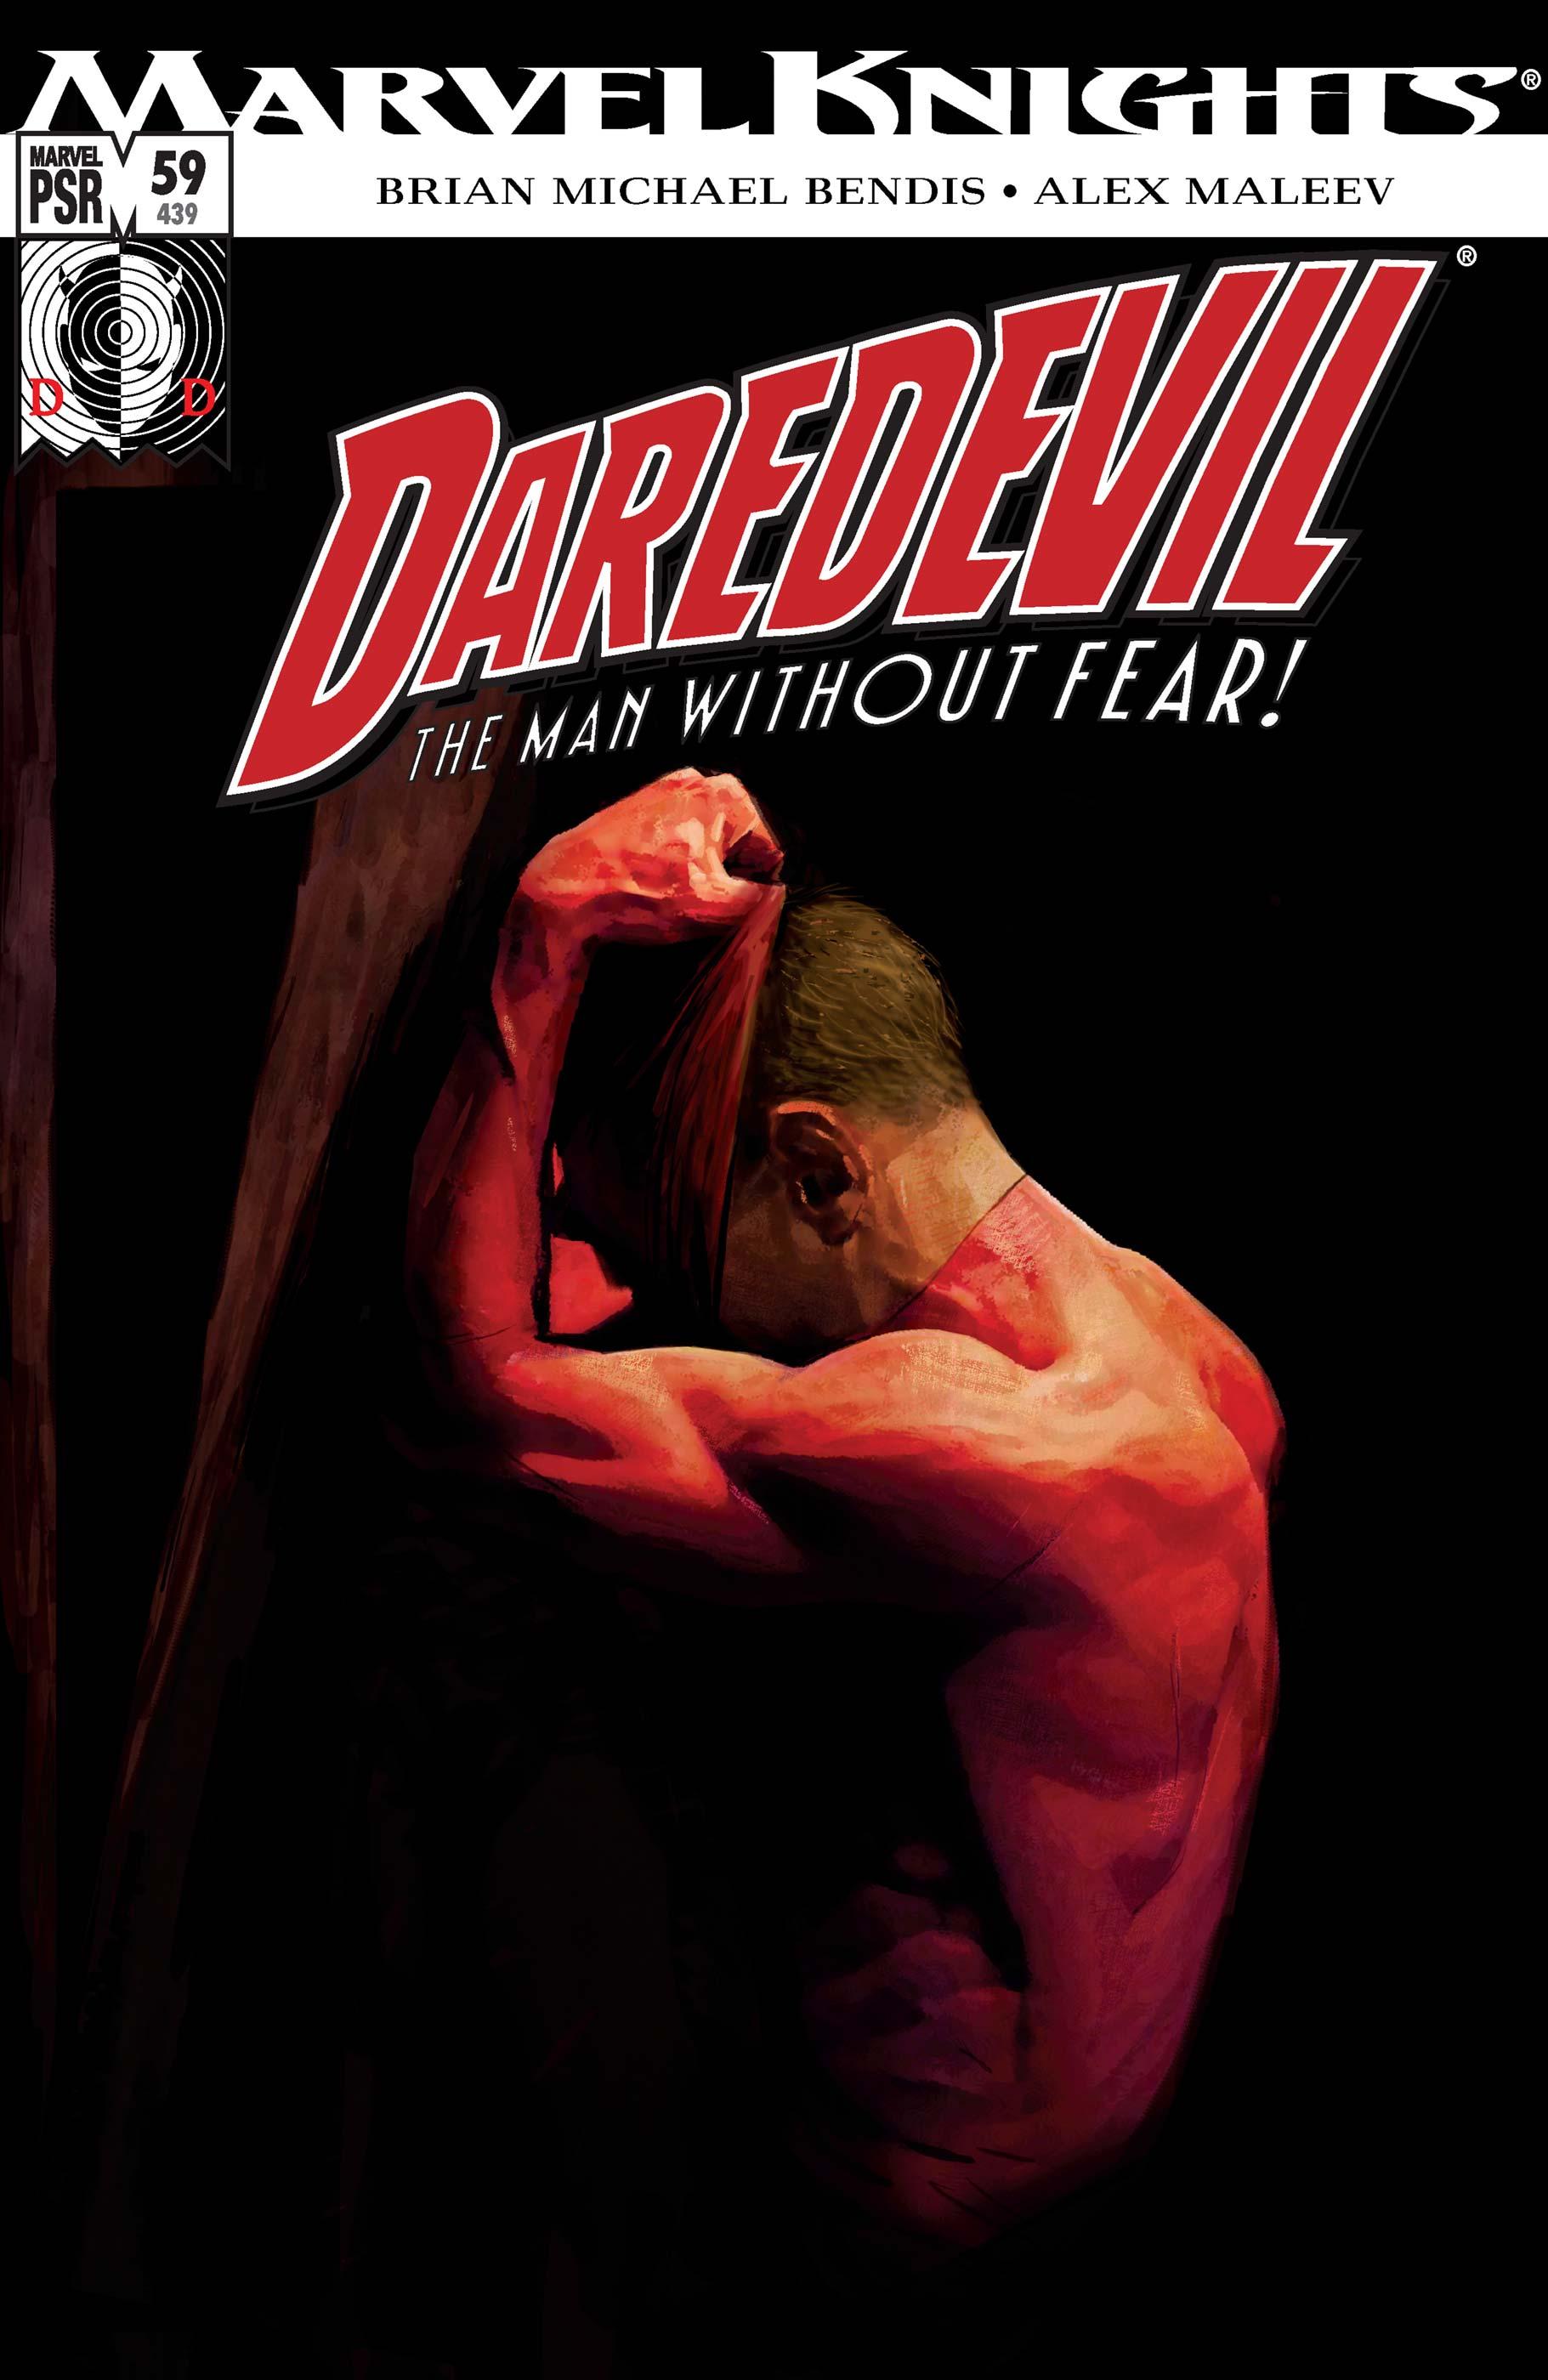 Daredevil (1998) #59